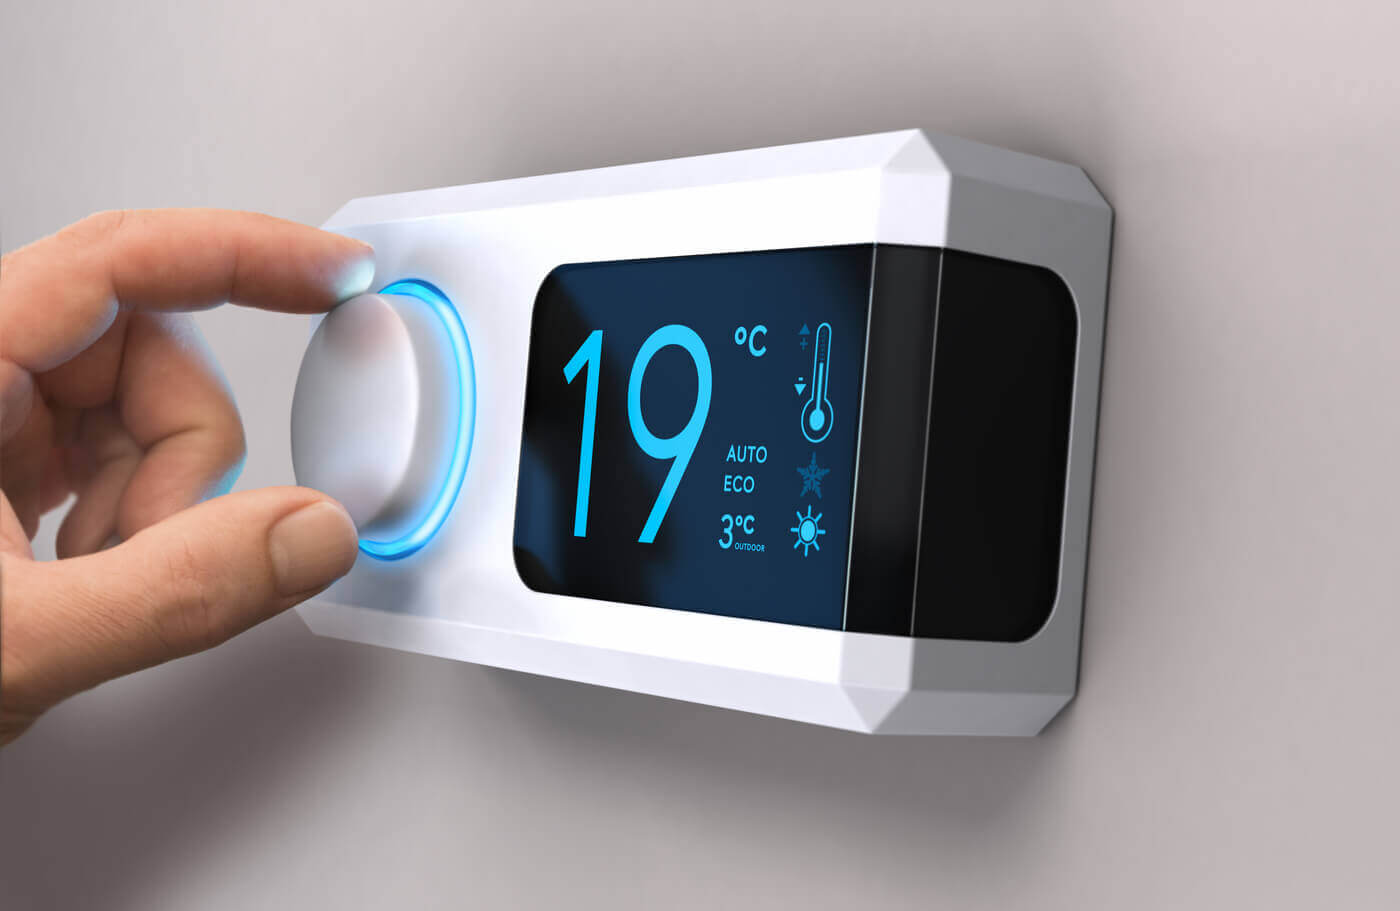 O termostato em eletrodomésticos: o controle está em nossas mãos